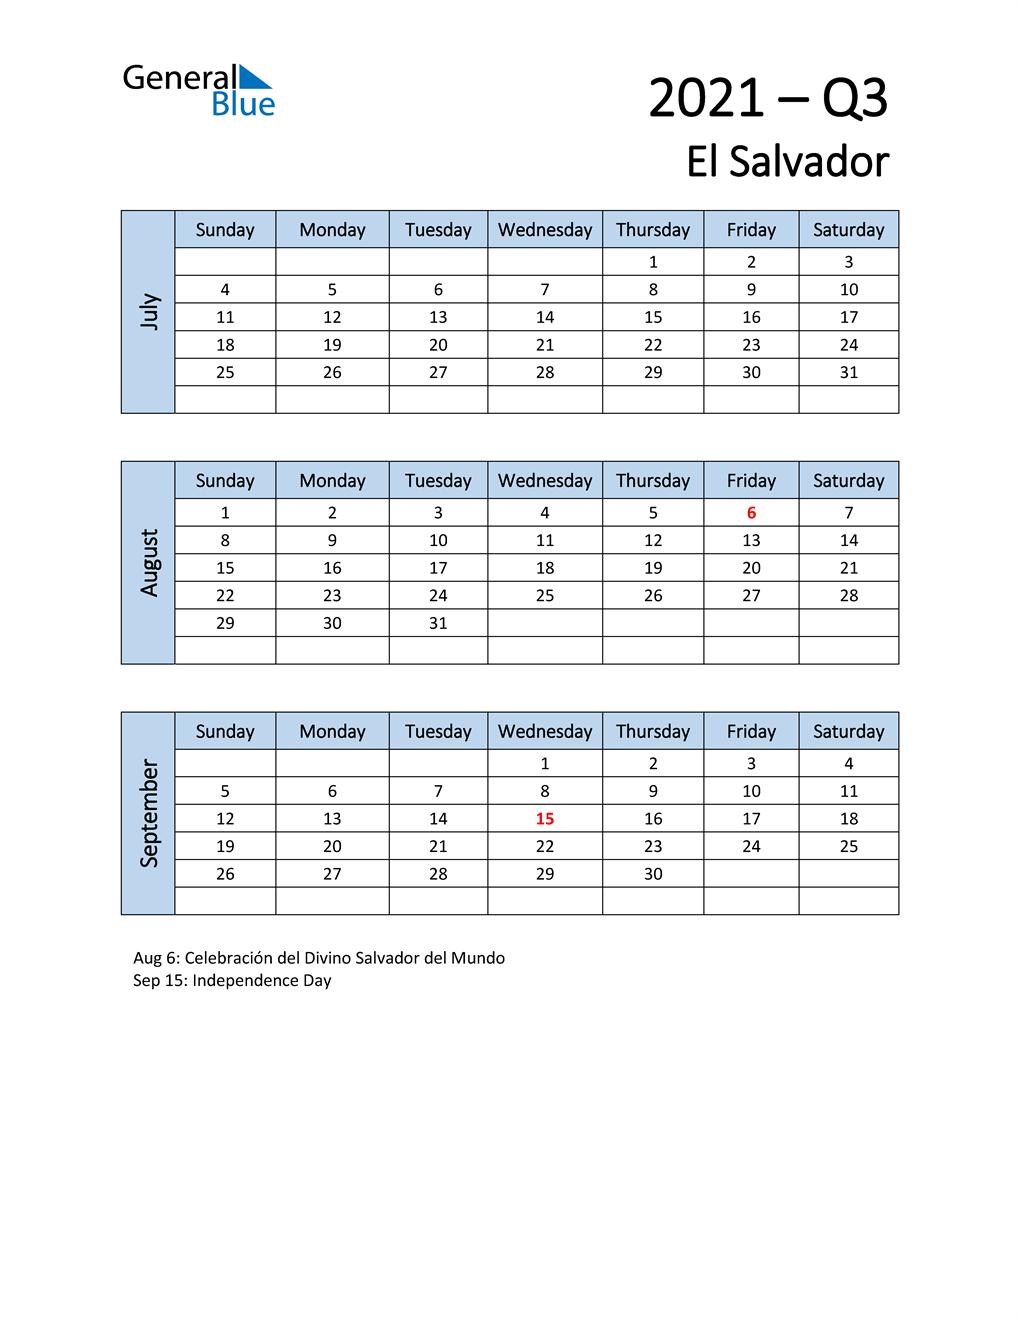 Free Q3 2021 Calendar for El Salvador